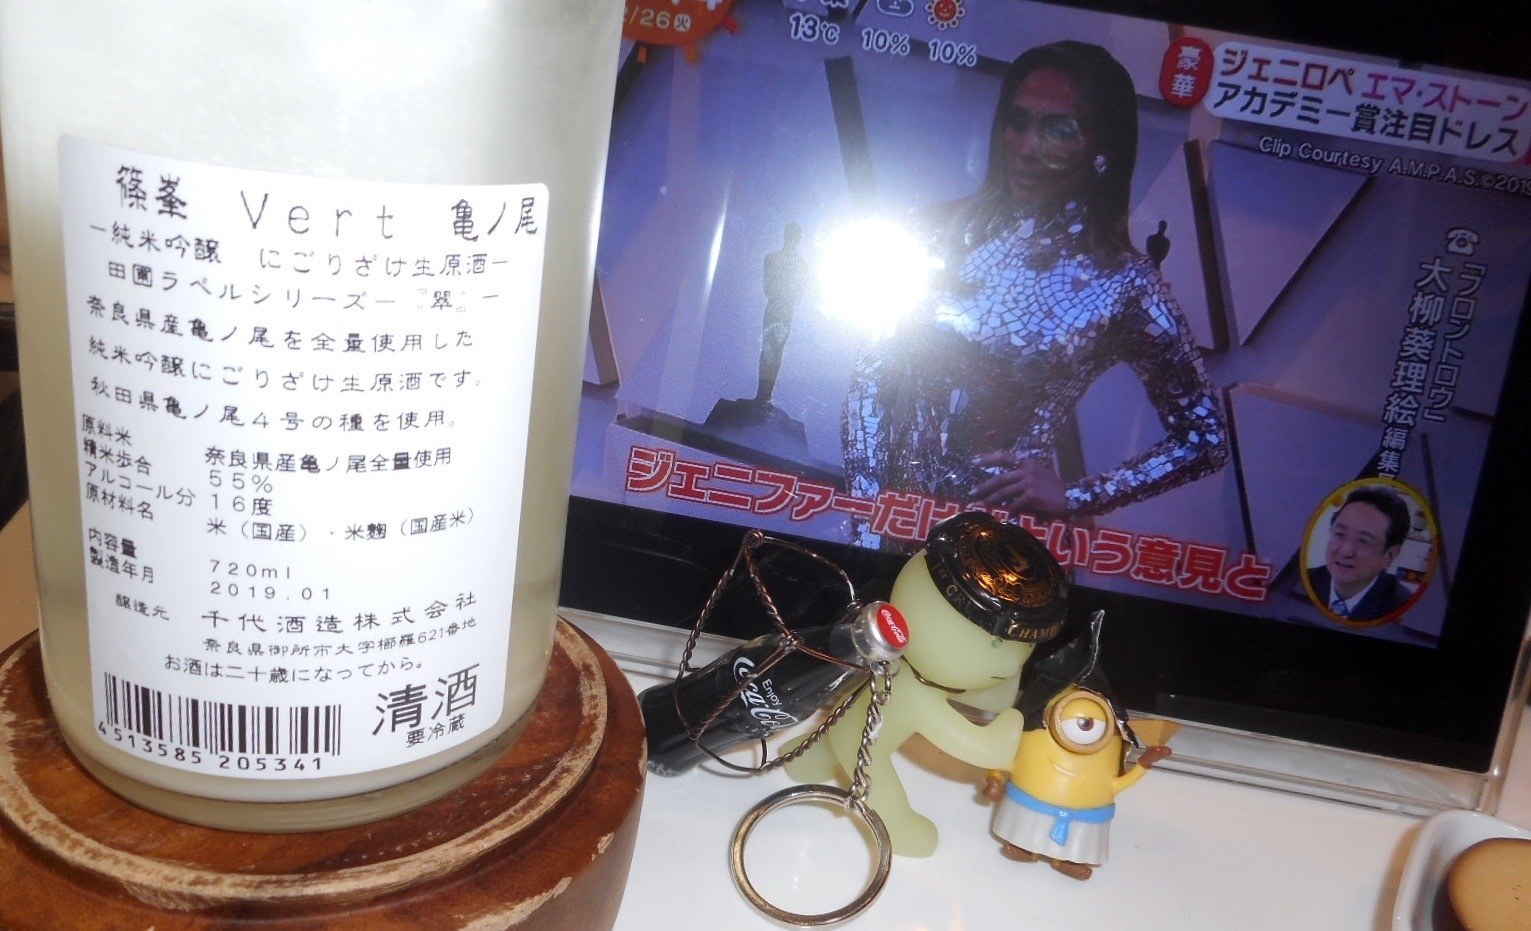 shinomine_vert_nigori30by2.jpg